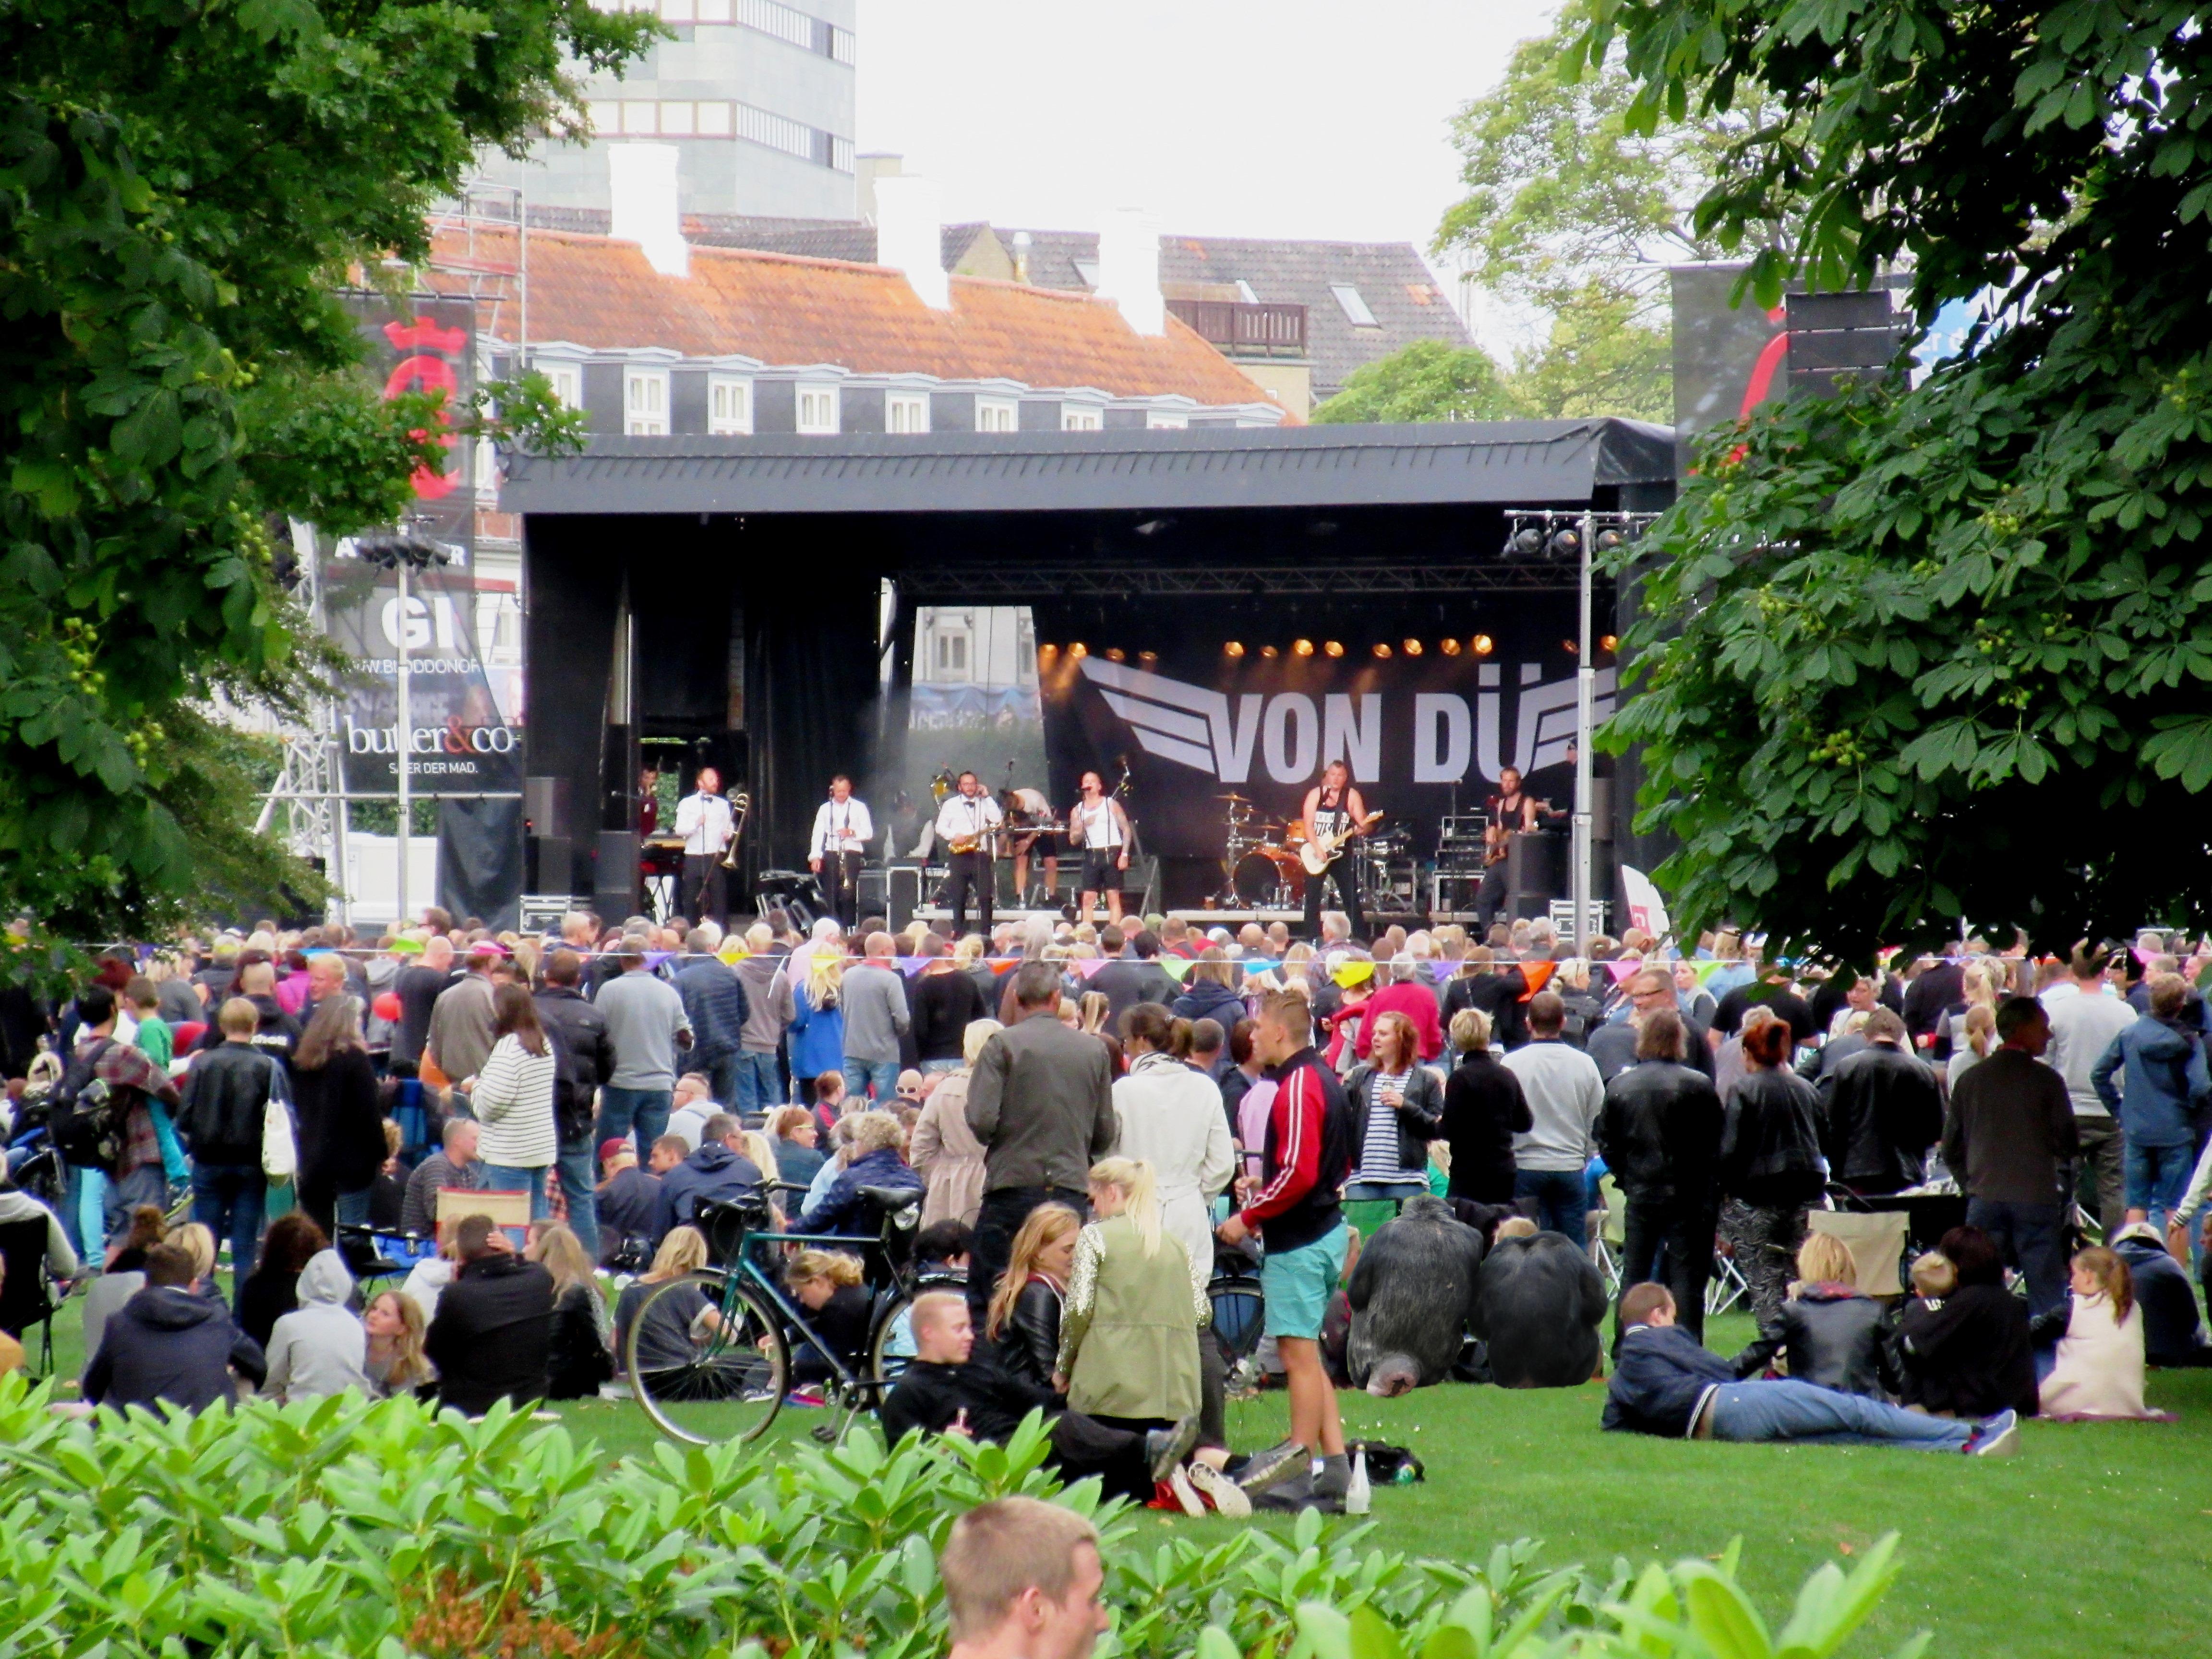 netdating dk pris Skanderborg